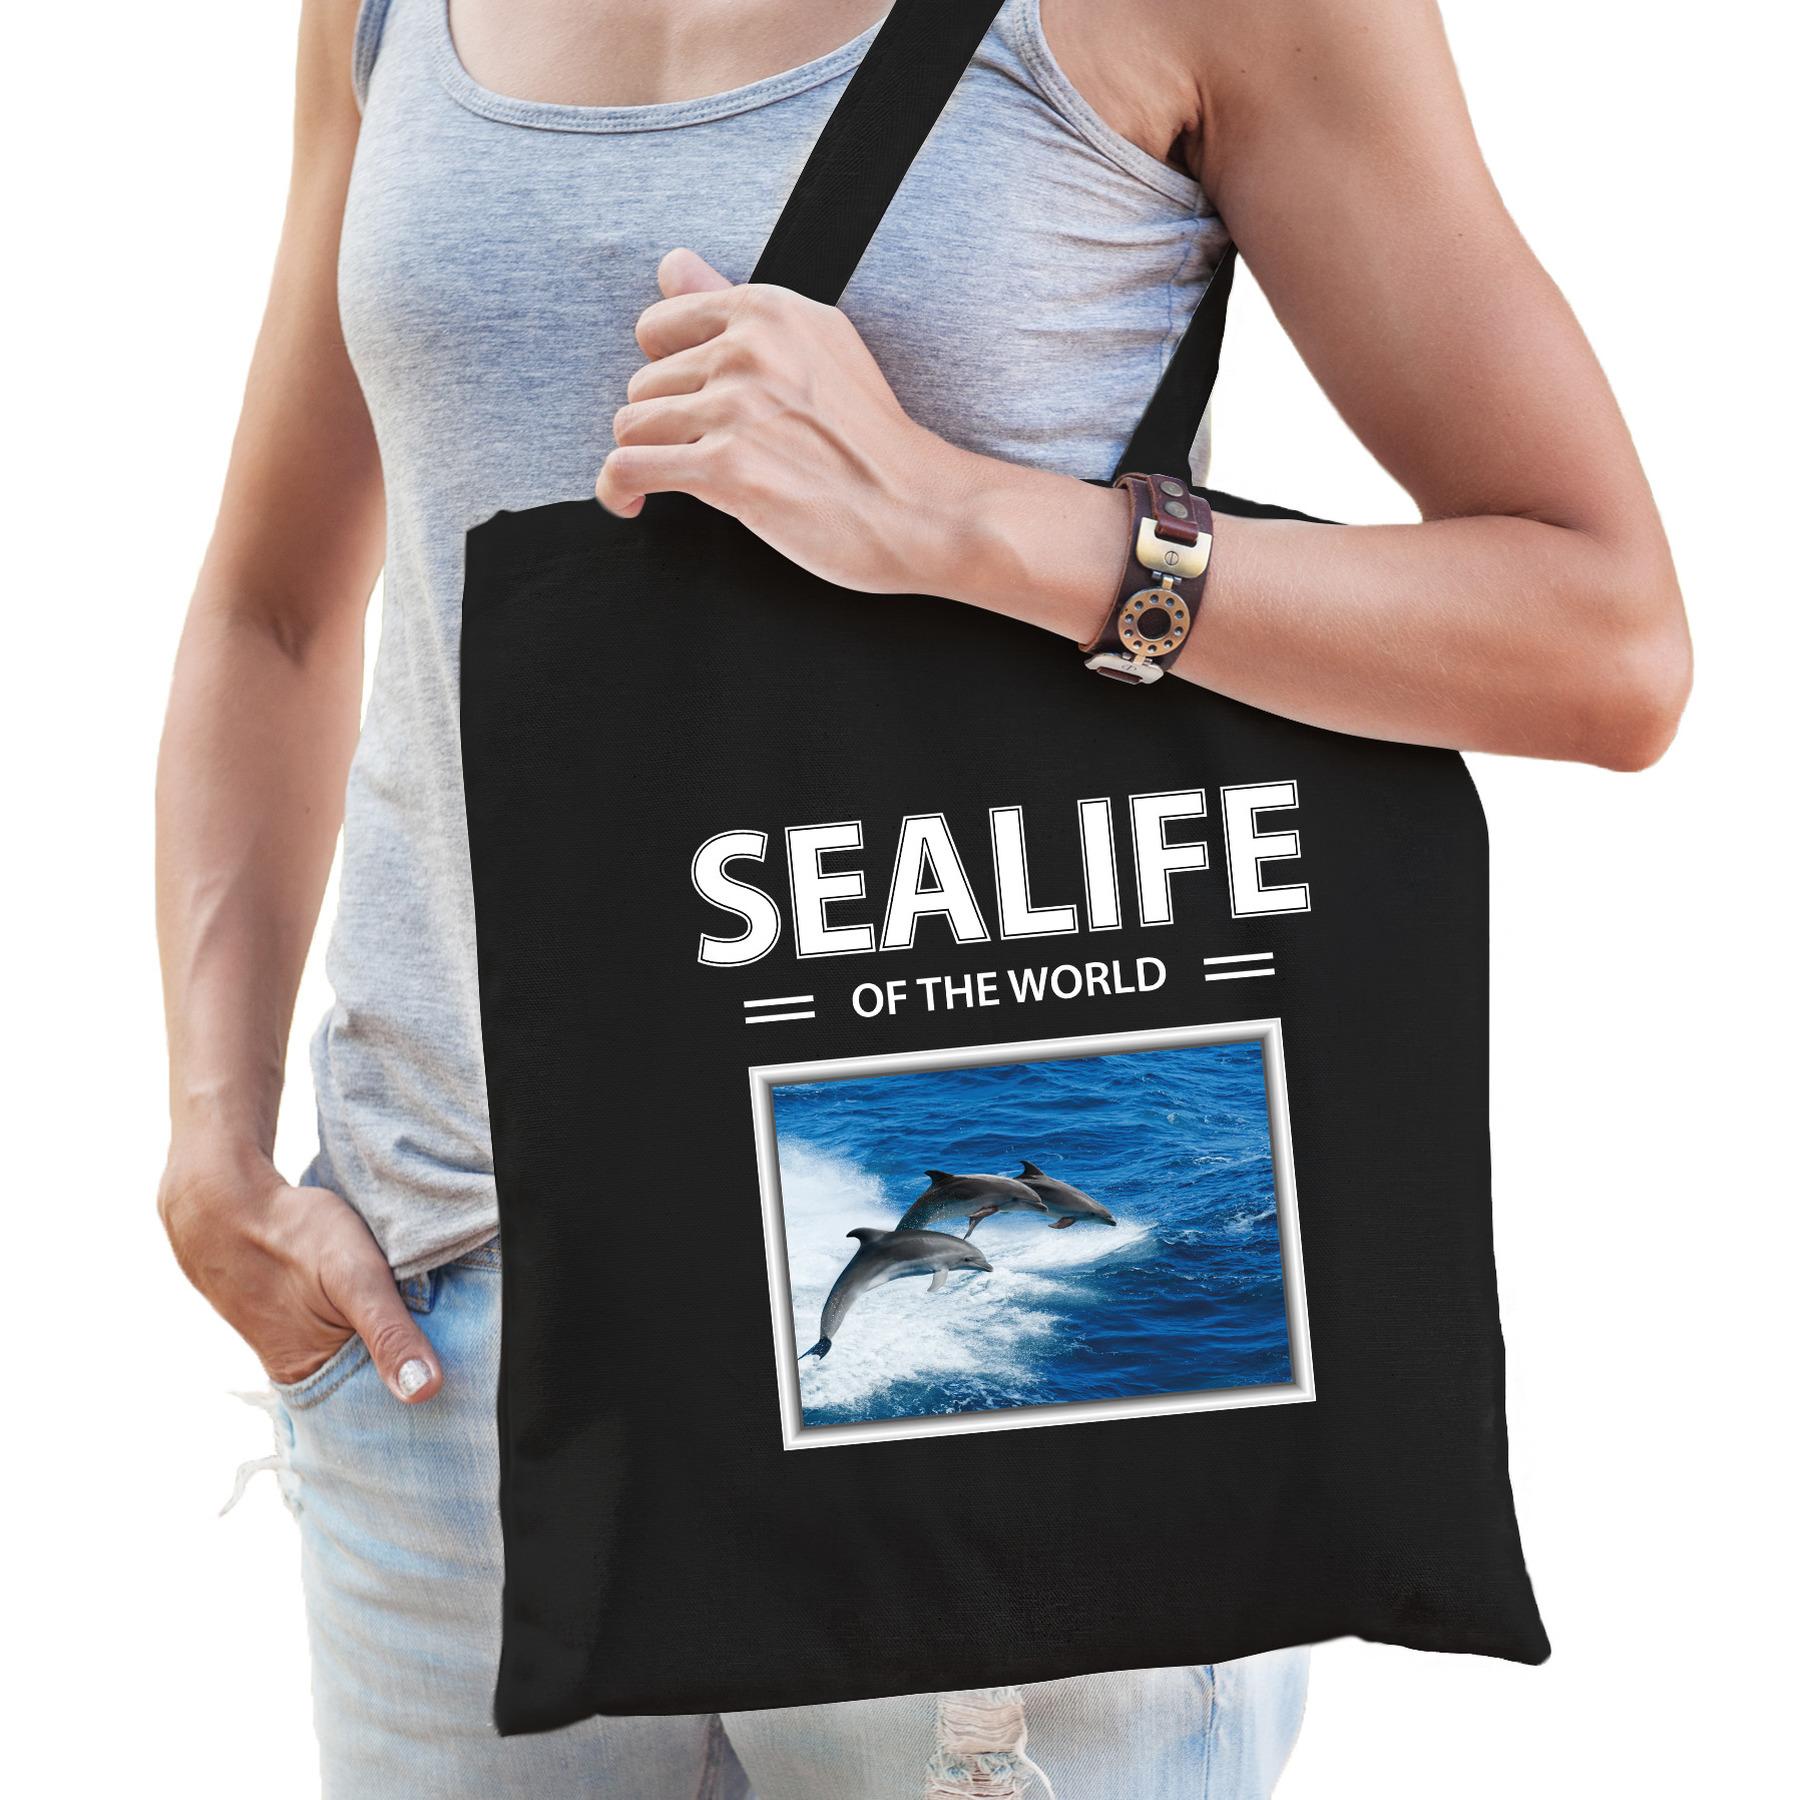 Katoenen tasje Dolfijnen zwart - sealife of the world Dolfijnen cadeau tas